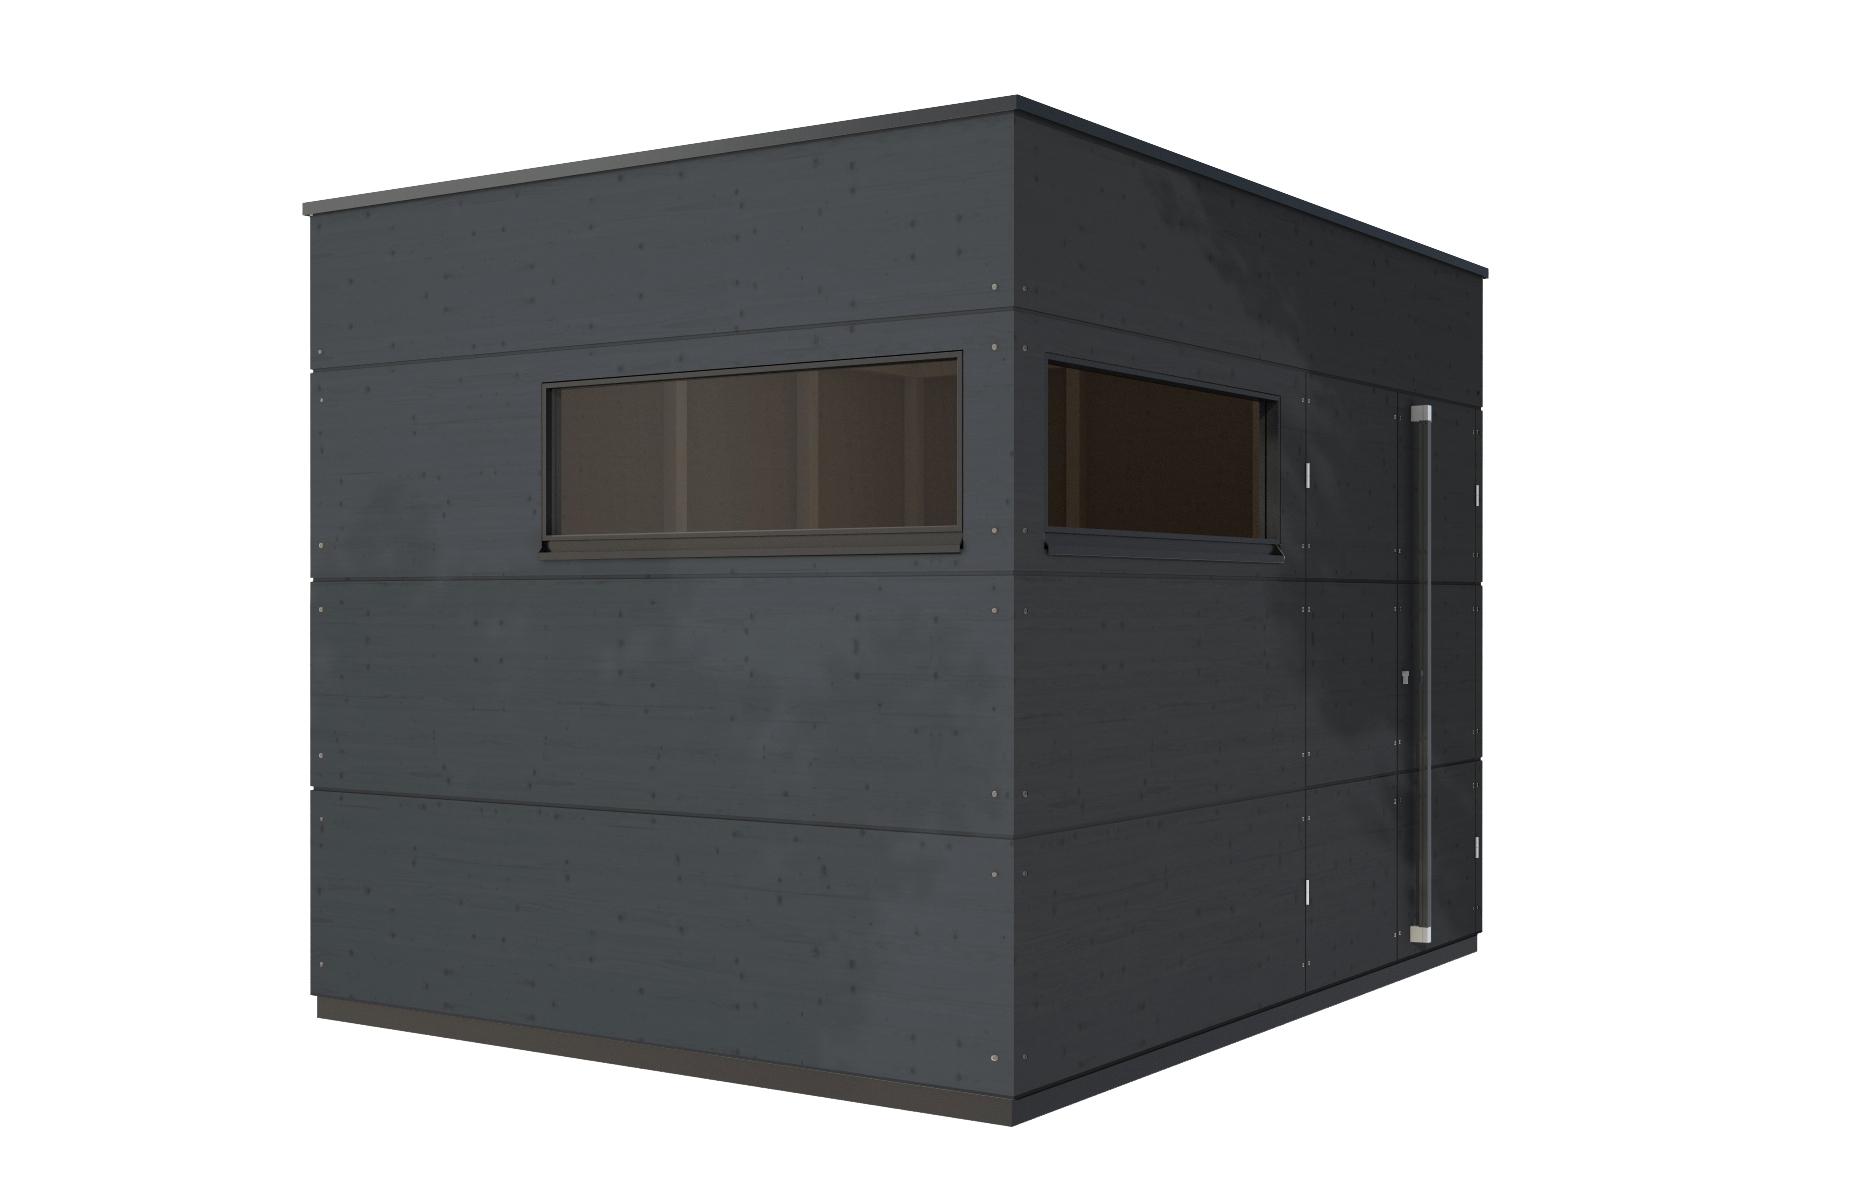 gartenhaus flachdach l von gartana stylepark. Black Bedroom Furniture Sets. Home Design Ideas